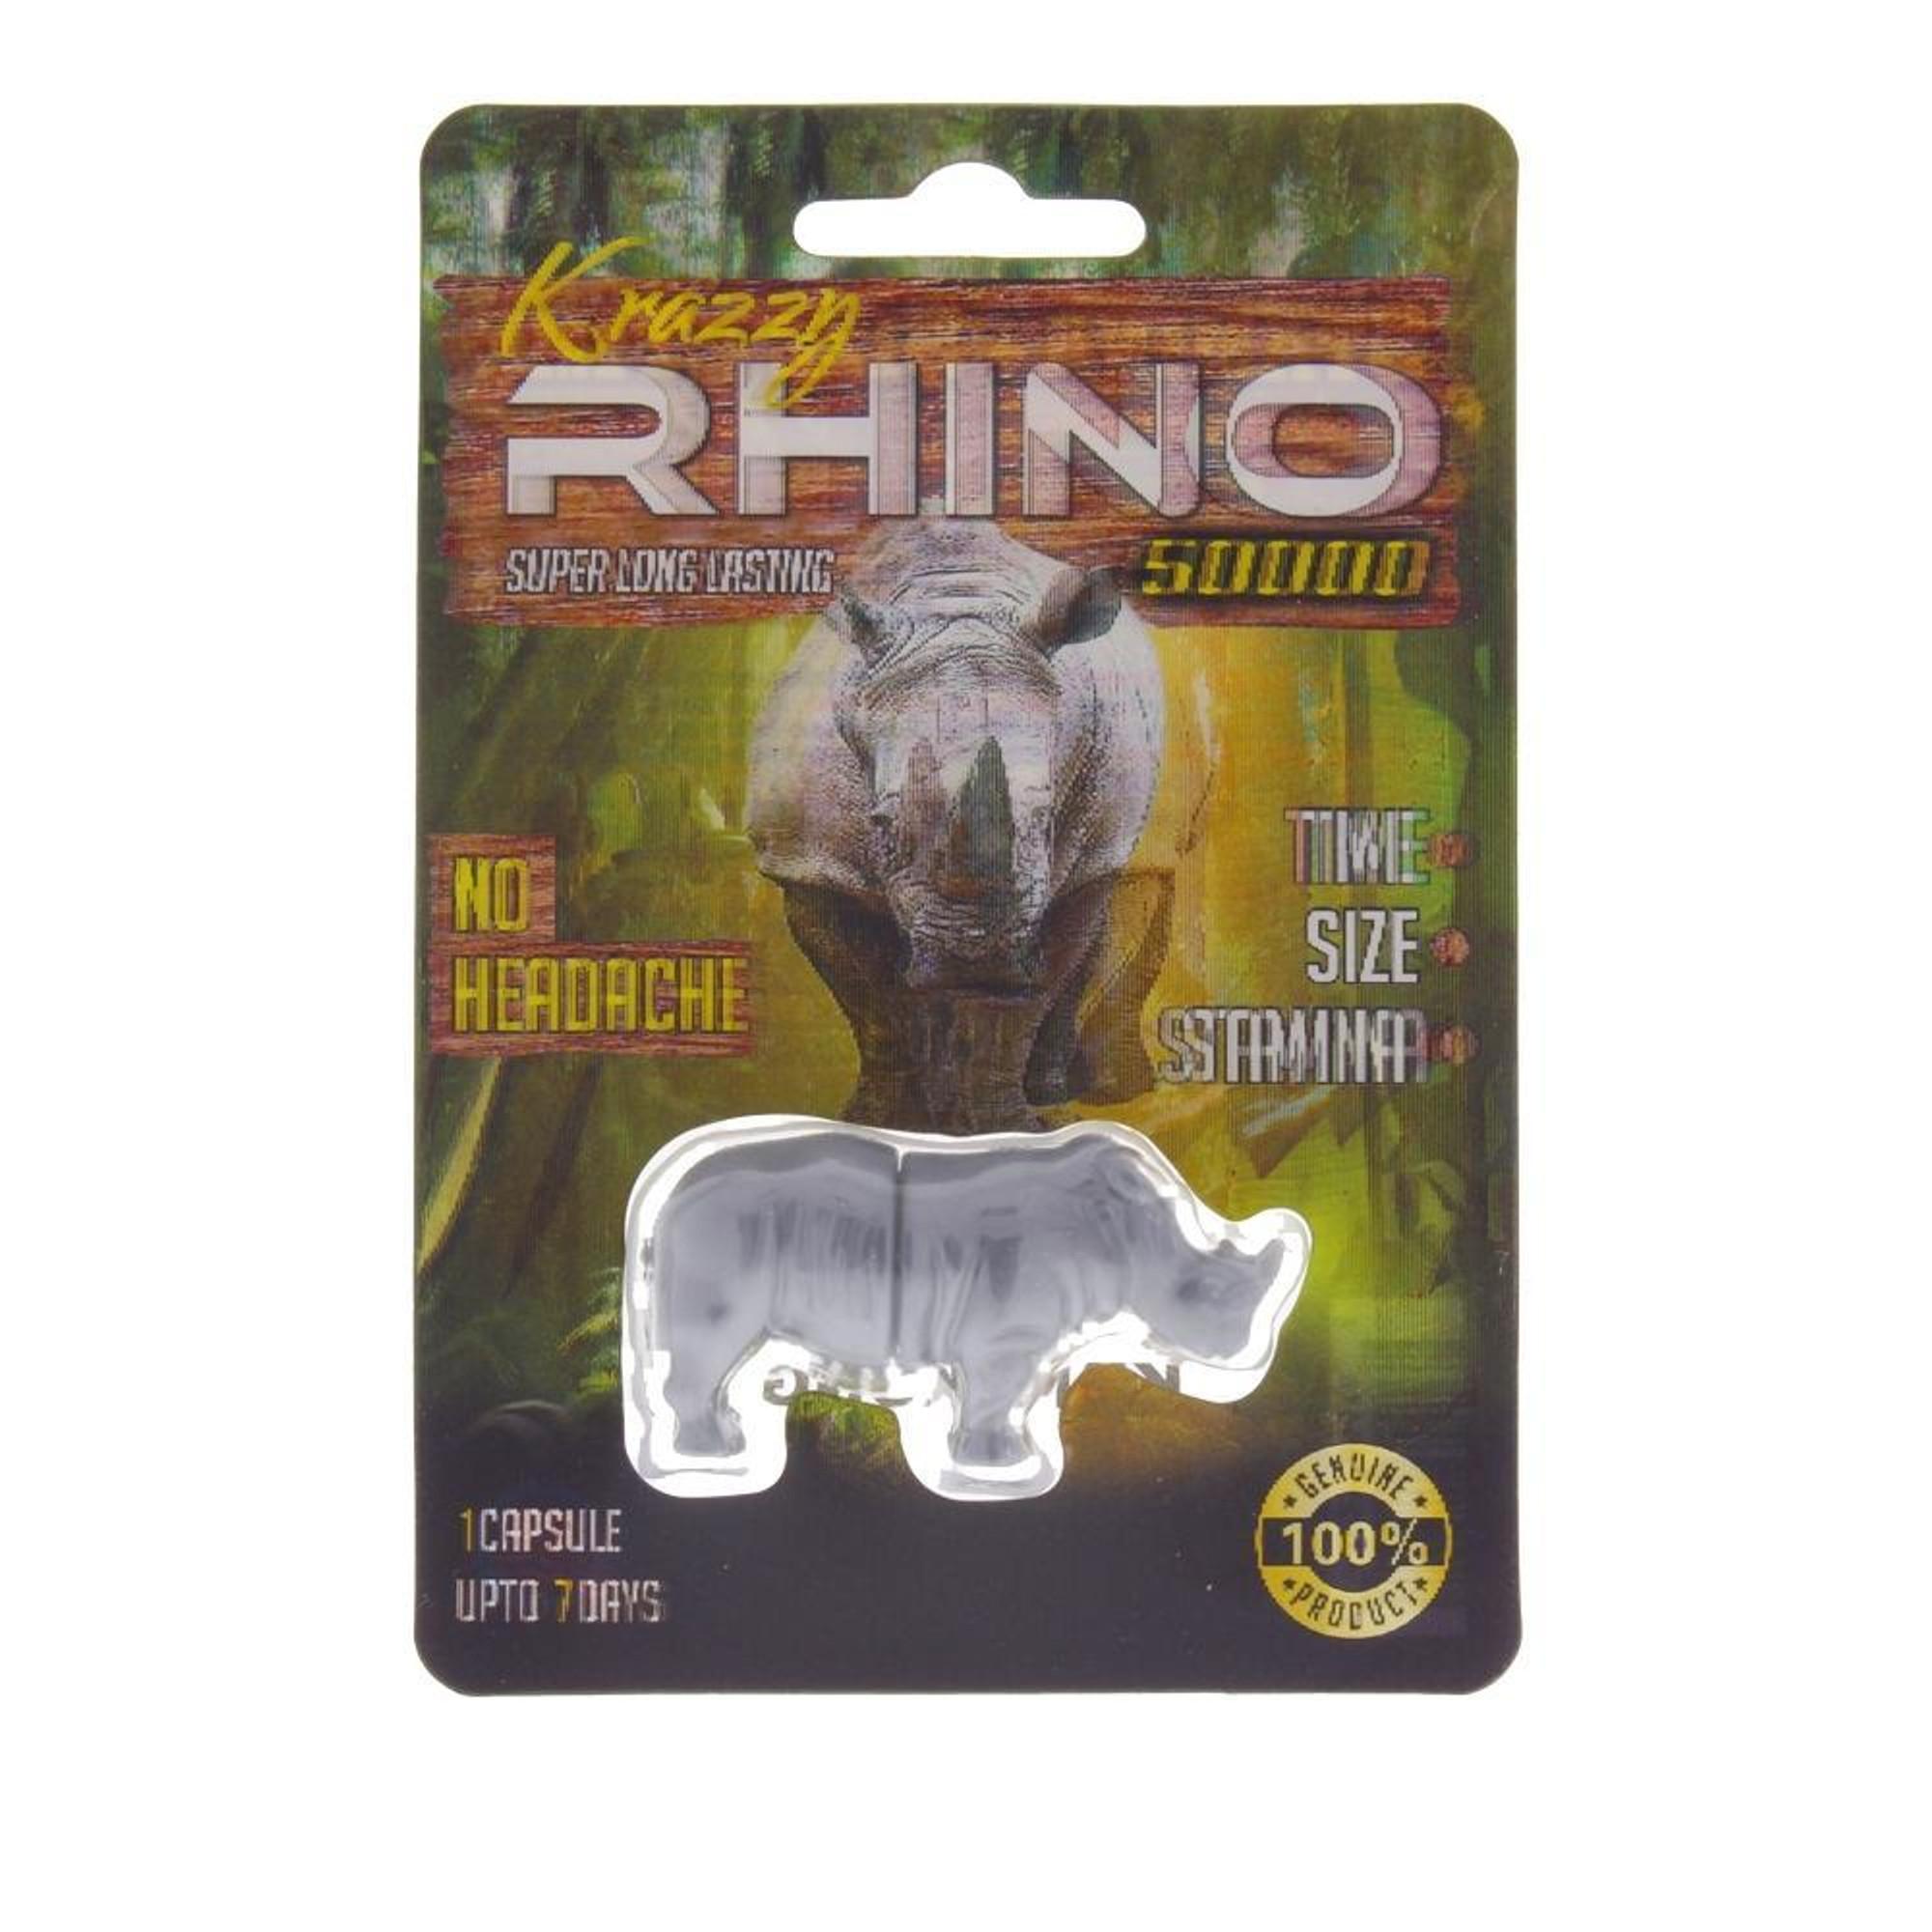 Krazzy Rhino 50 000 Male Enhancement Supplement